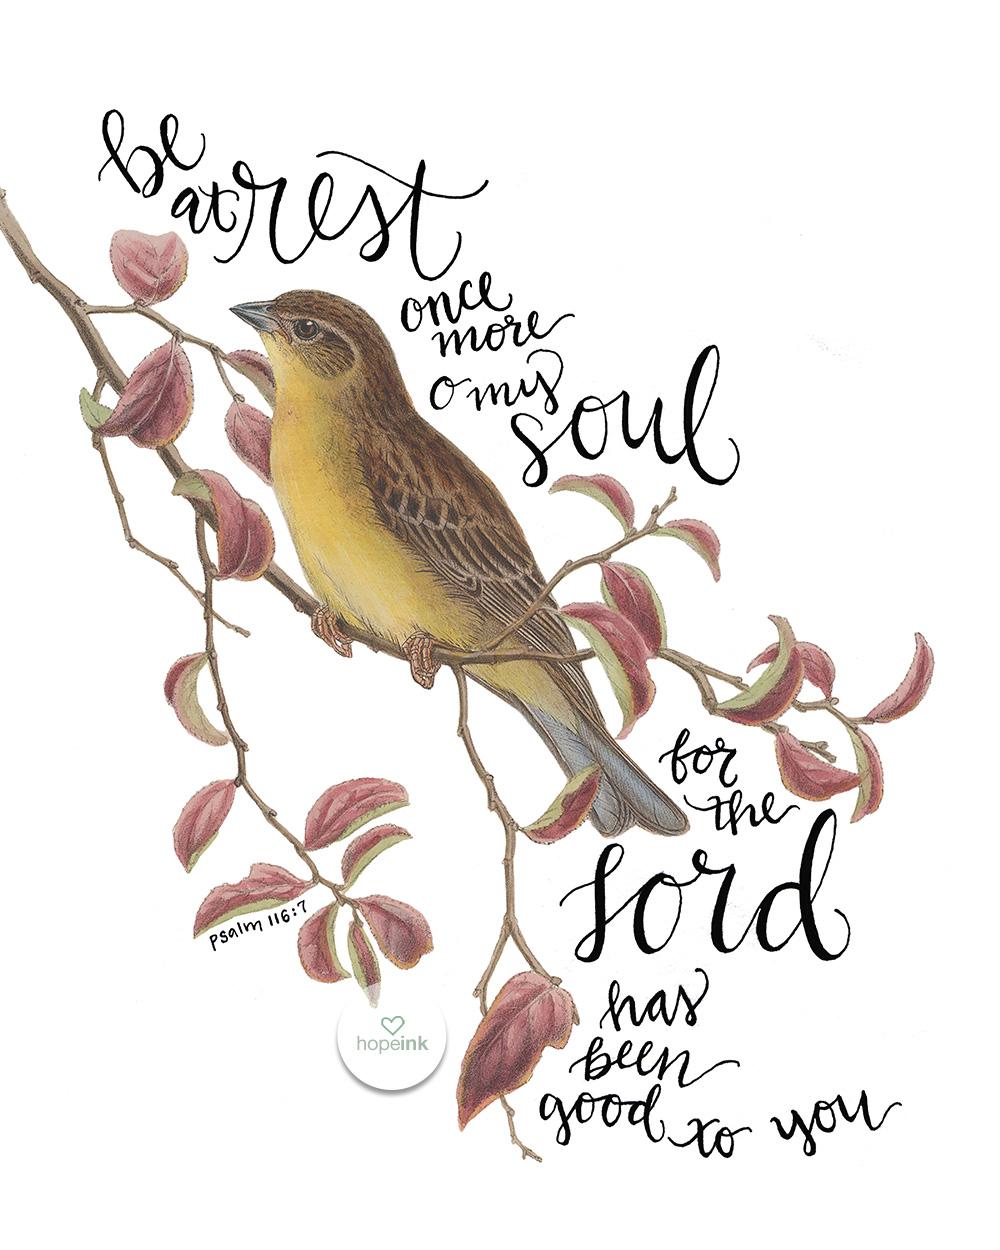 Hand Lettered Scripture Art | Vintage Bird | Hope Ink.jpg